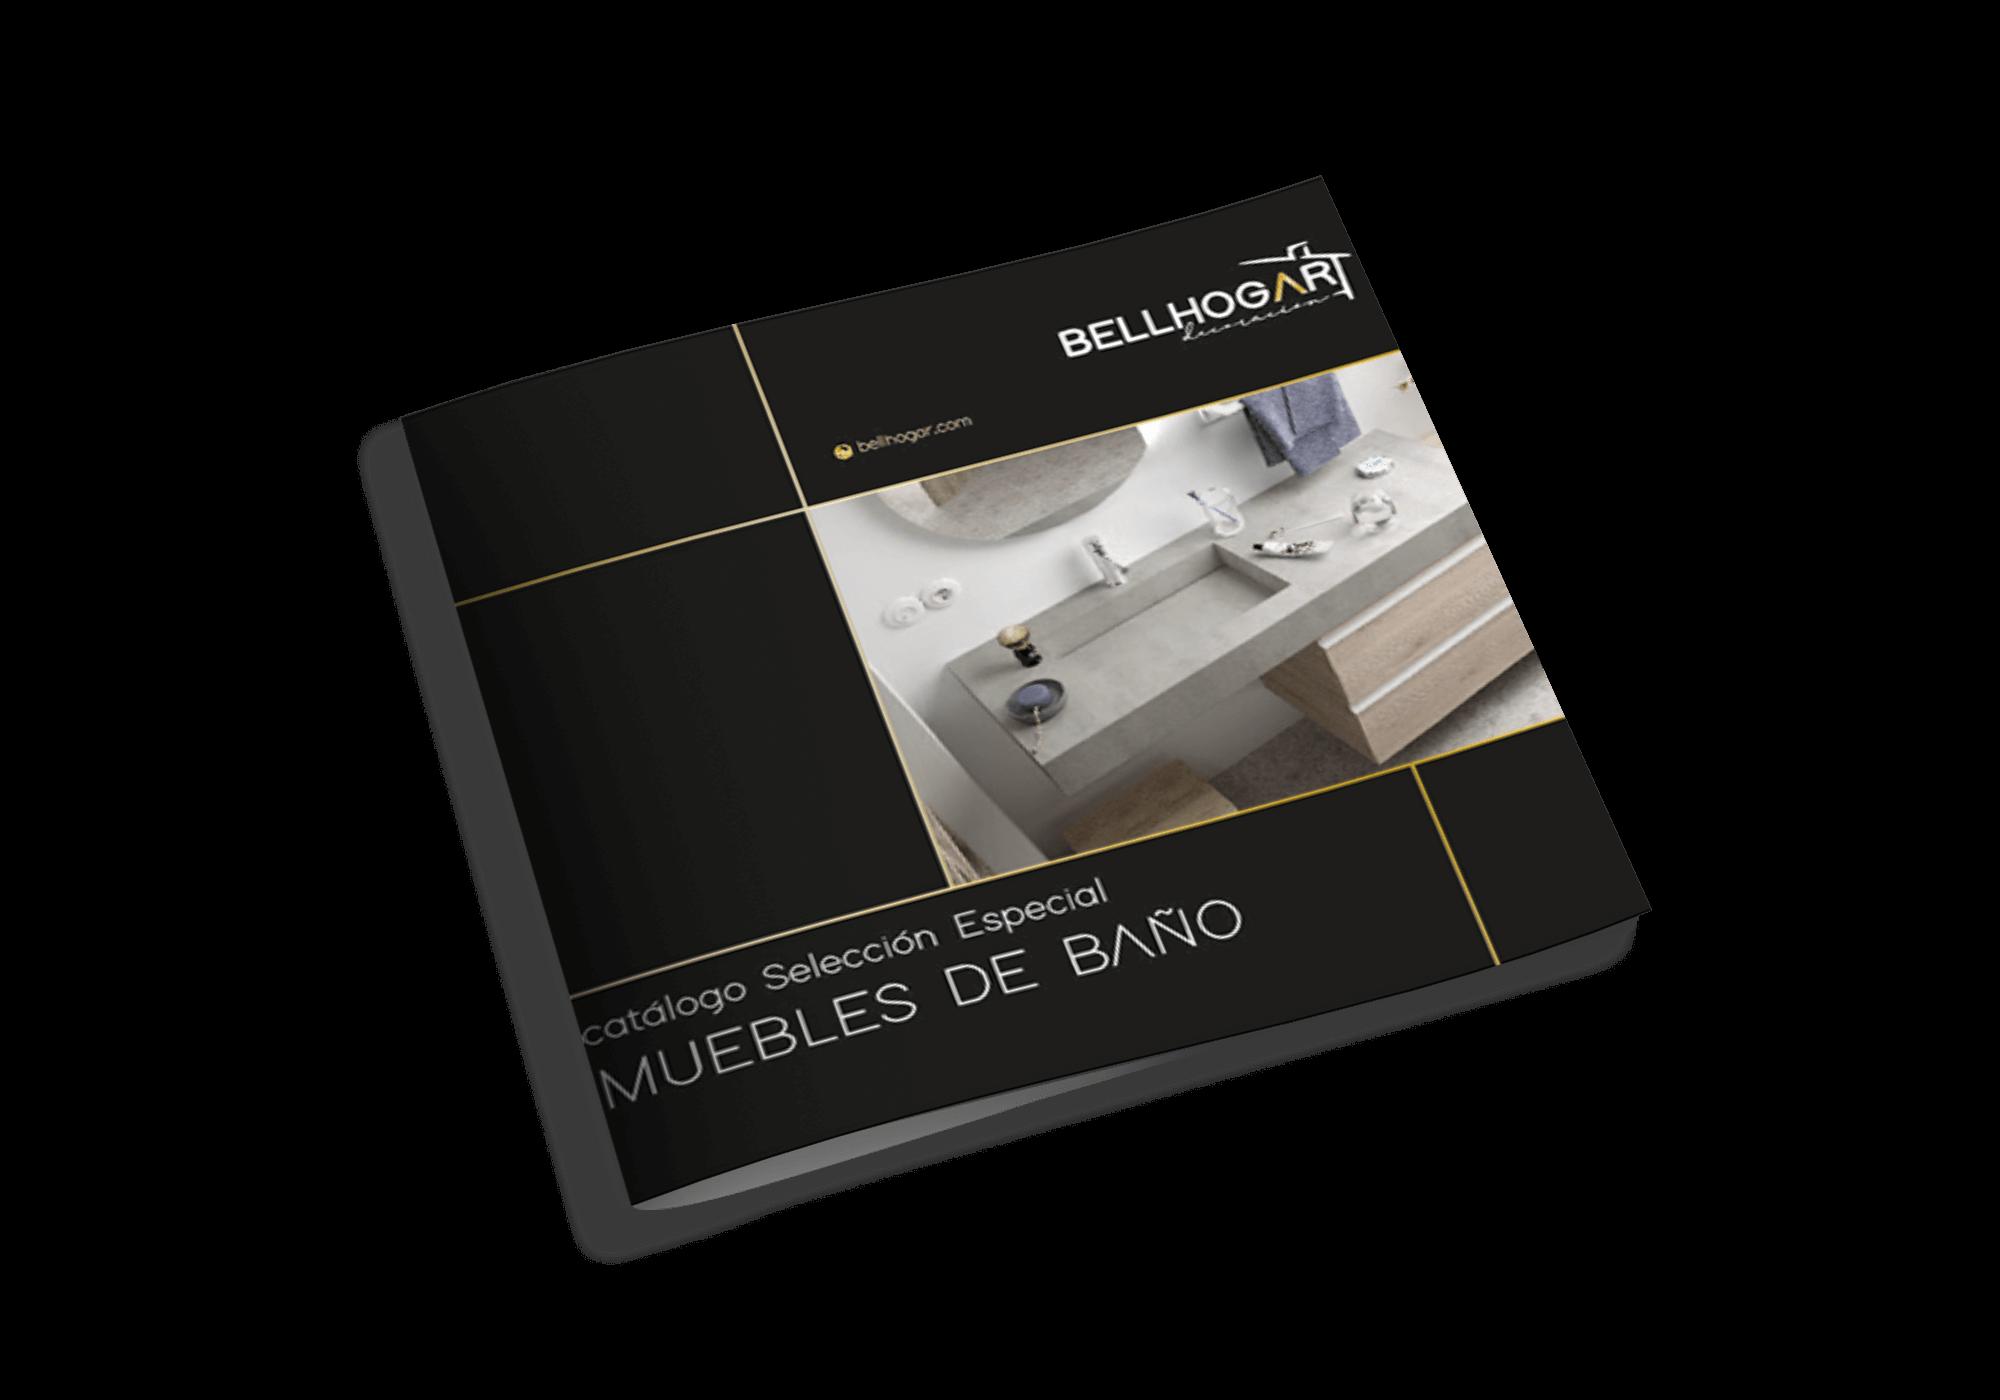 muebles de baño seleccion especial 2021